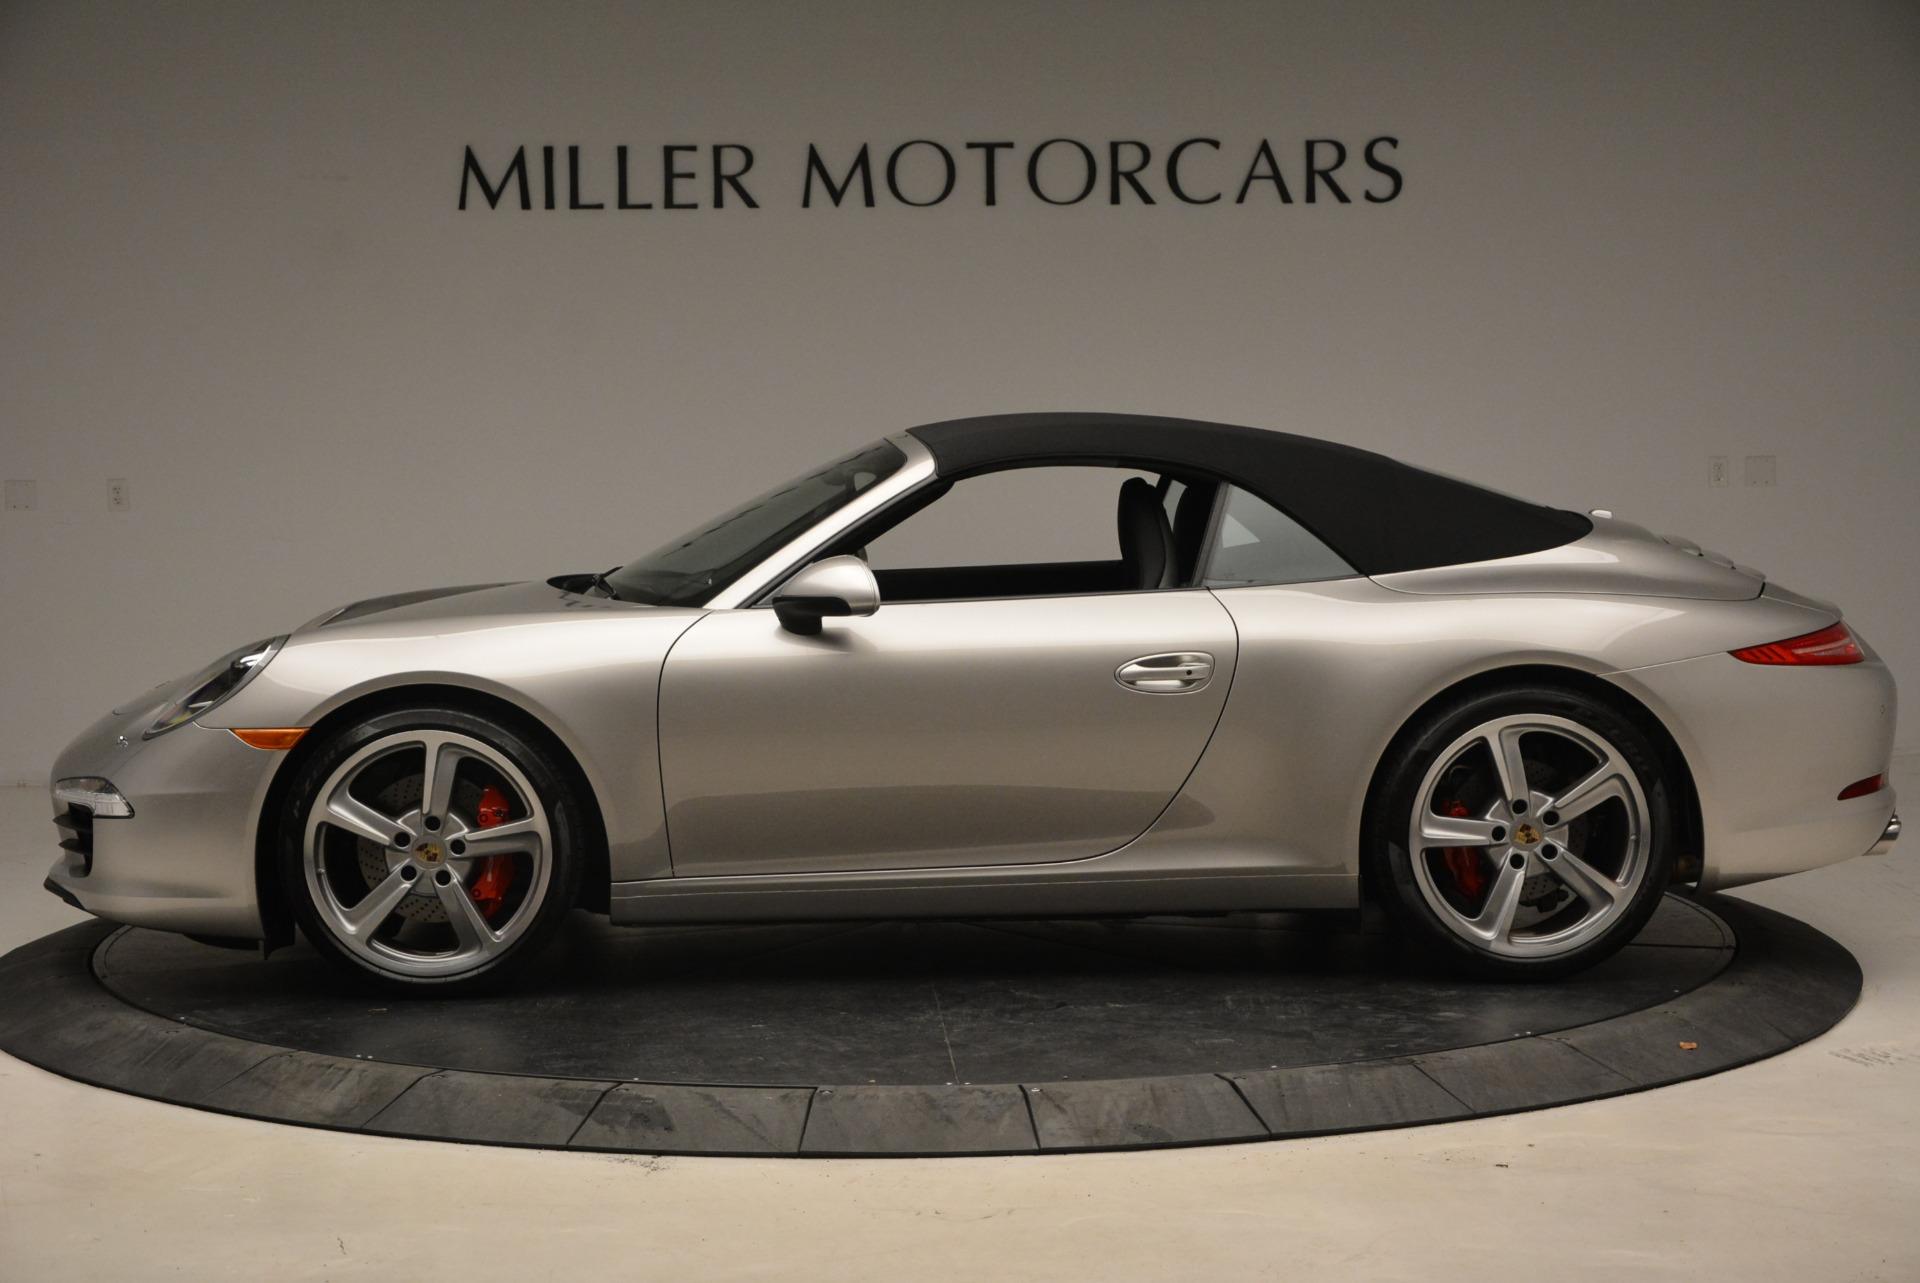 Used 2012 Porsche 911 Carrera S For Sale In Greenwich, CT 1790_p2